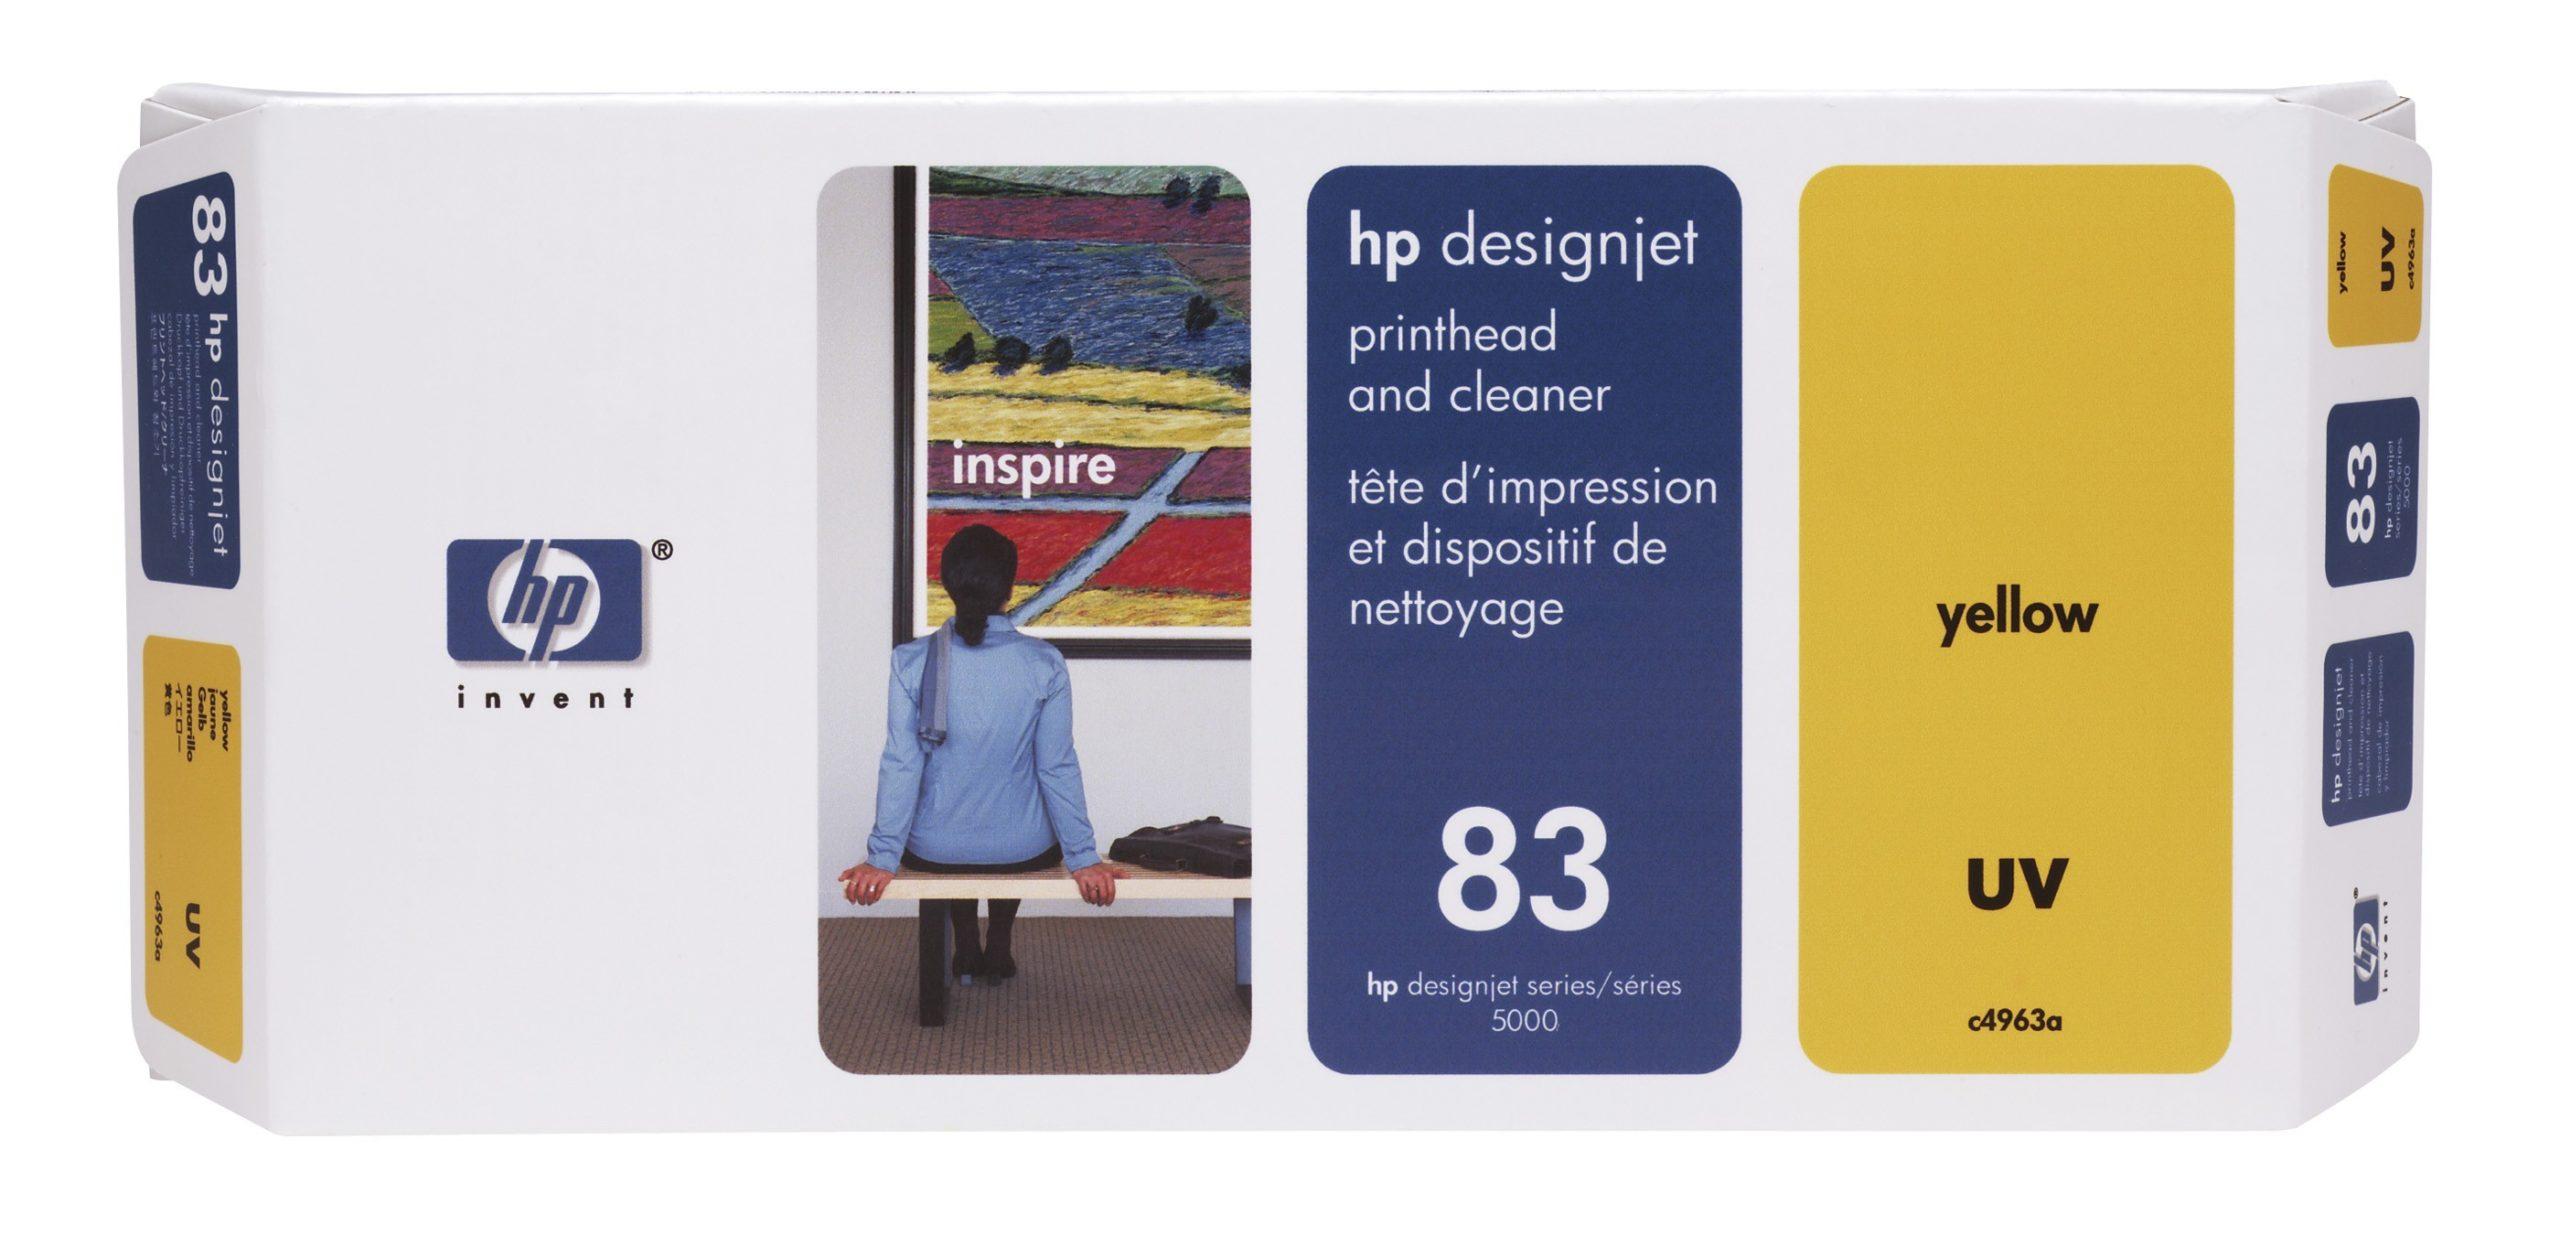 Cabeca de Impressao e Limpeza UV (C4963A) Nº83 Amarelo